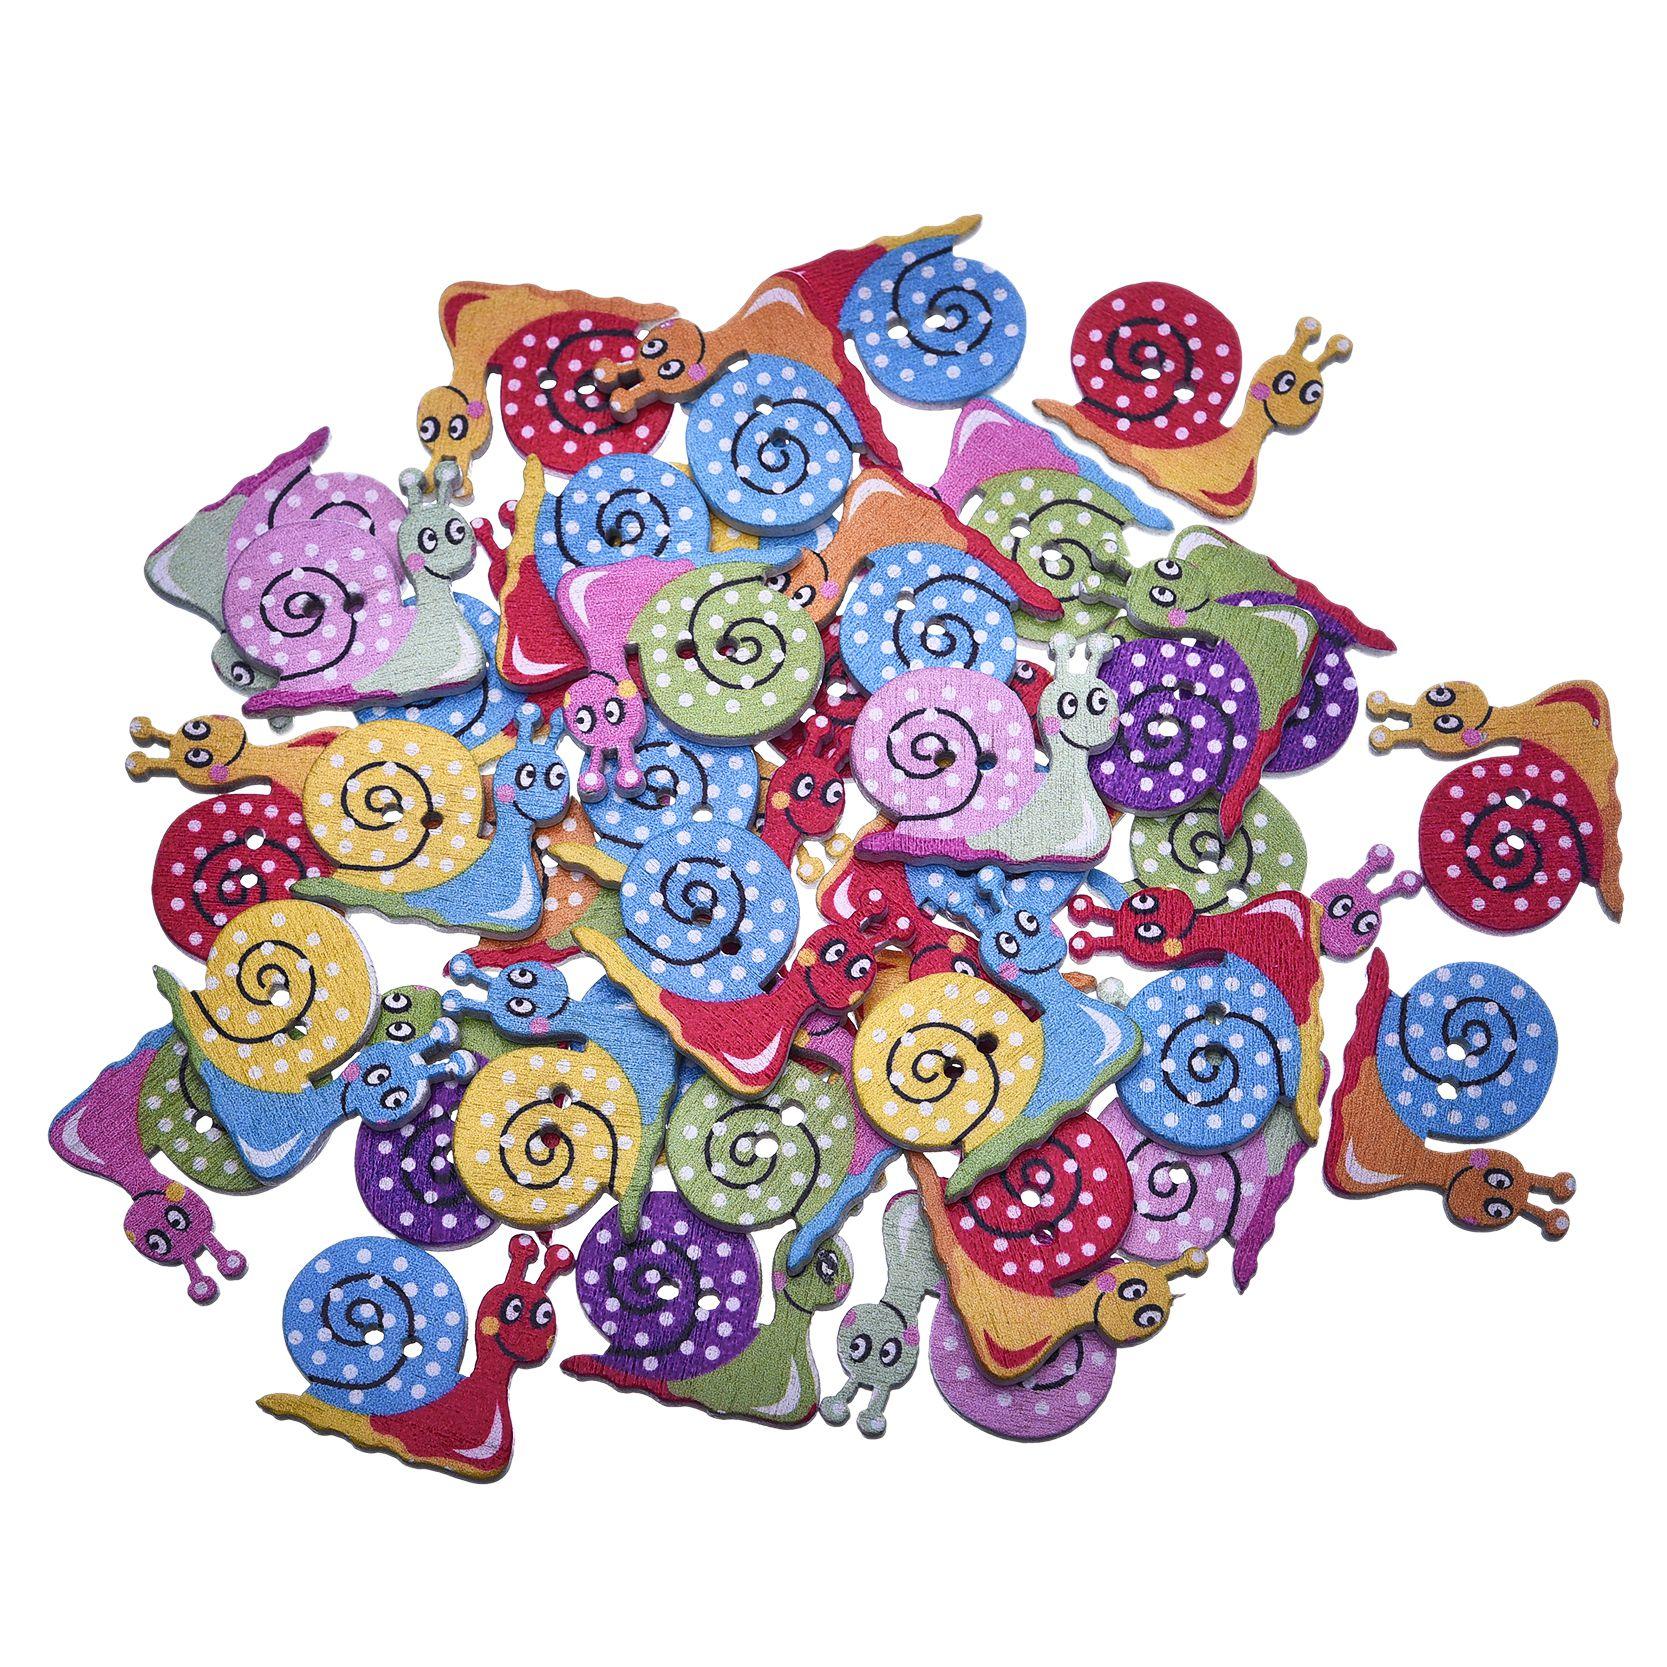 Nova moda botões de madeira botões 50 pçs multicolorido caracóis 2 buracos aleatória misto botões de costura scrapbook